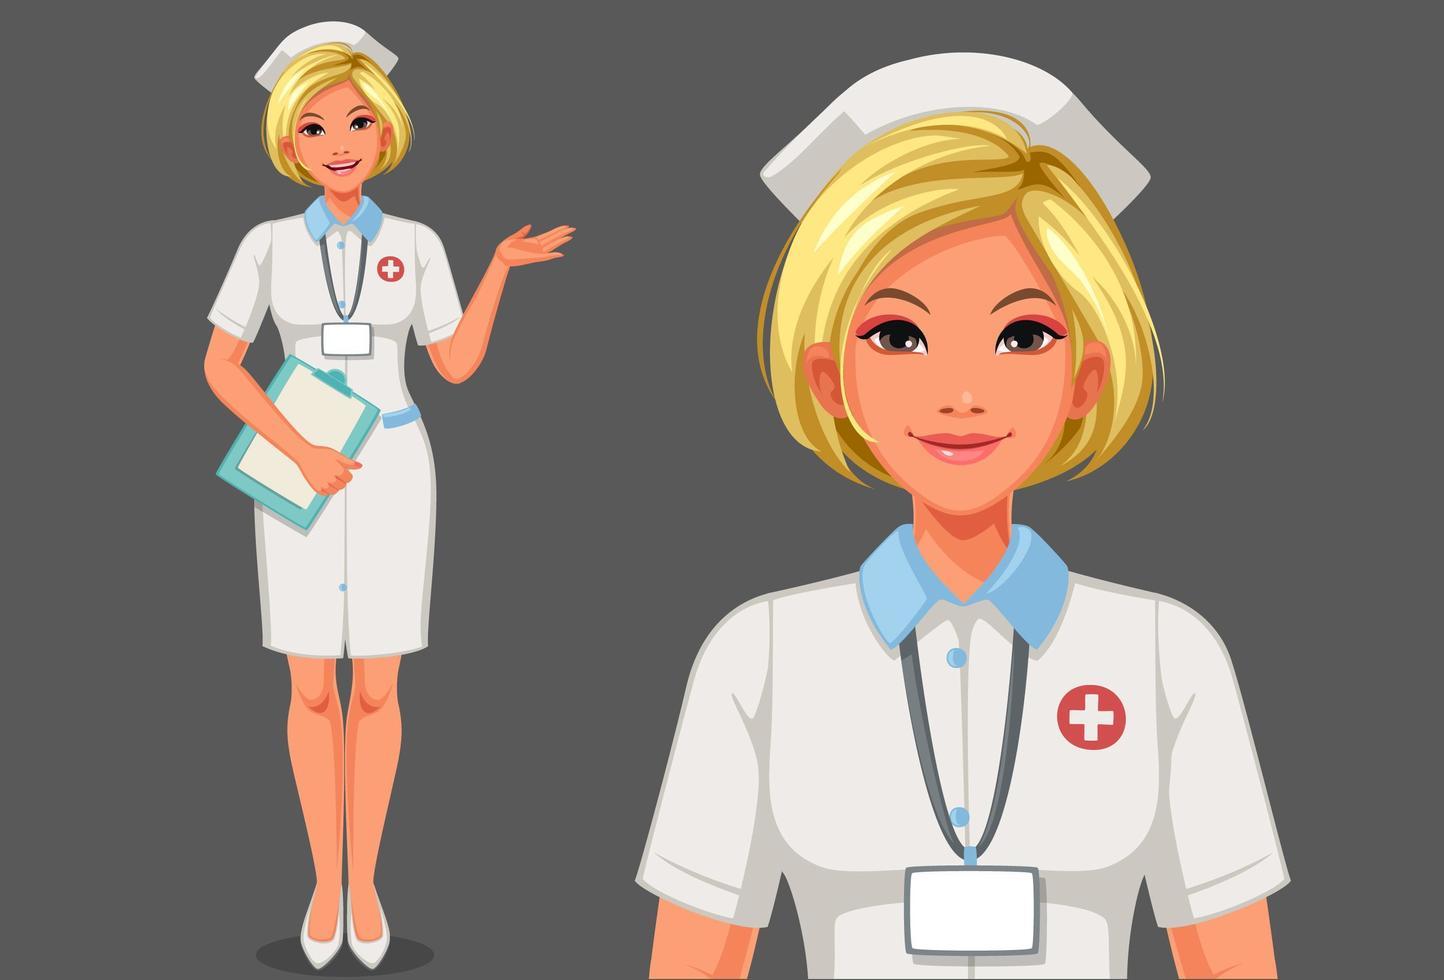 junge Krankenschwester stehend und hält ein Klemmbrettpaket vektor